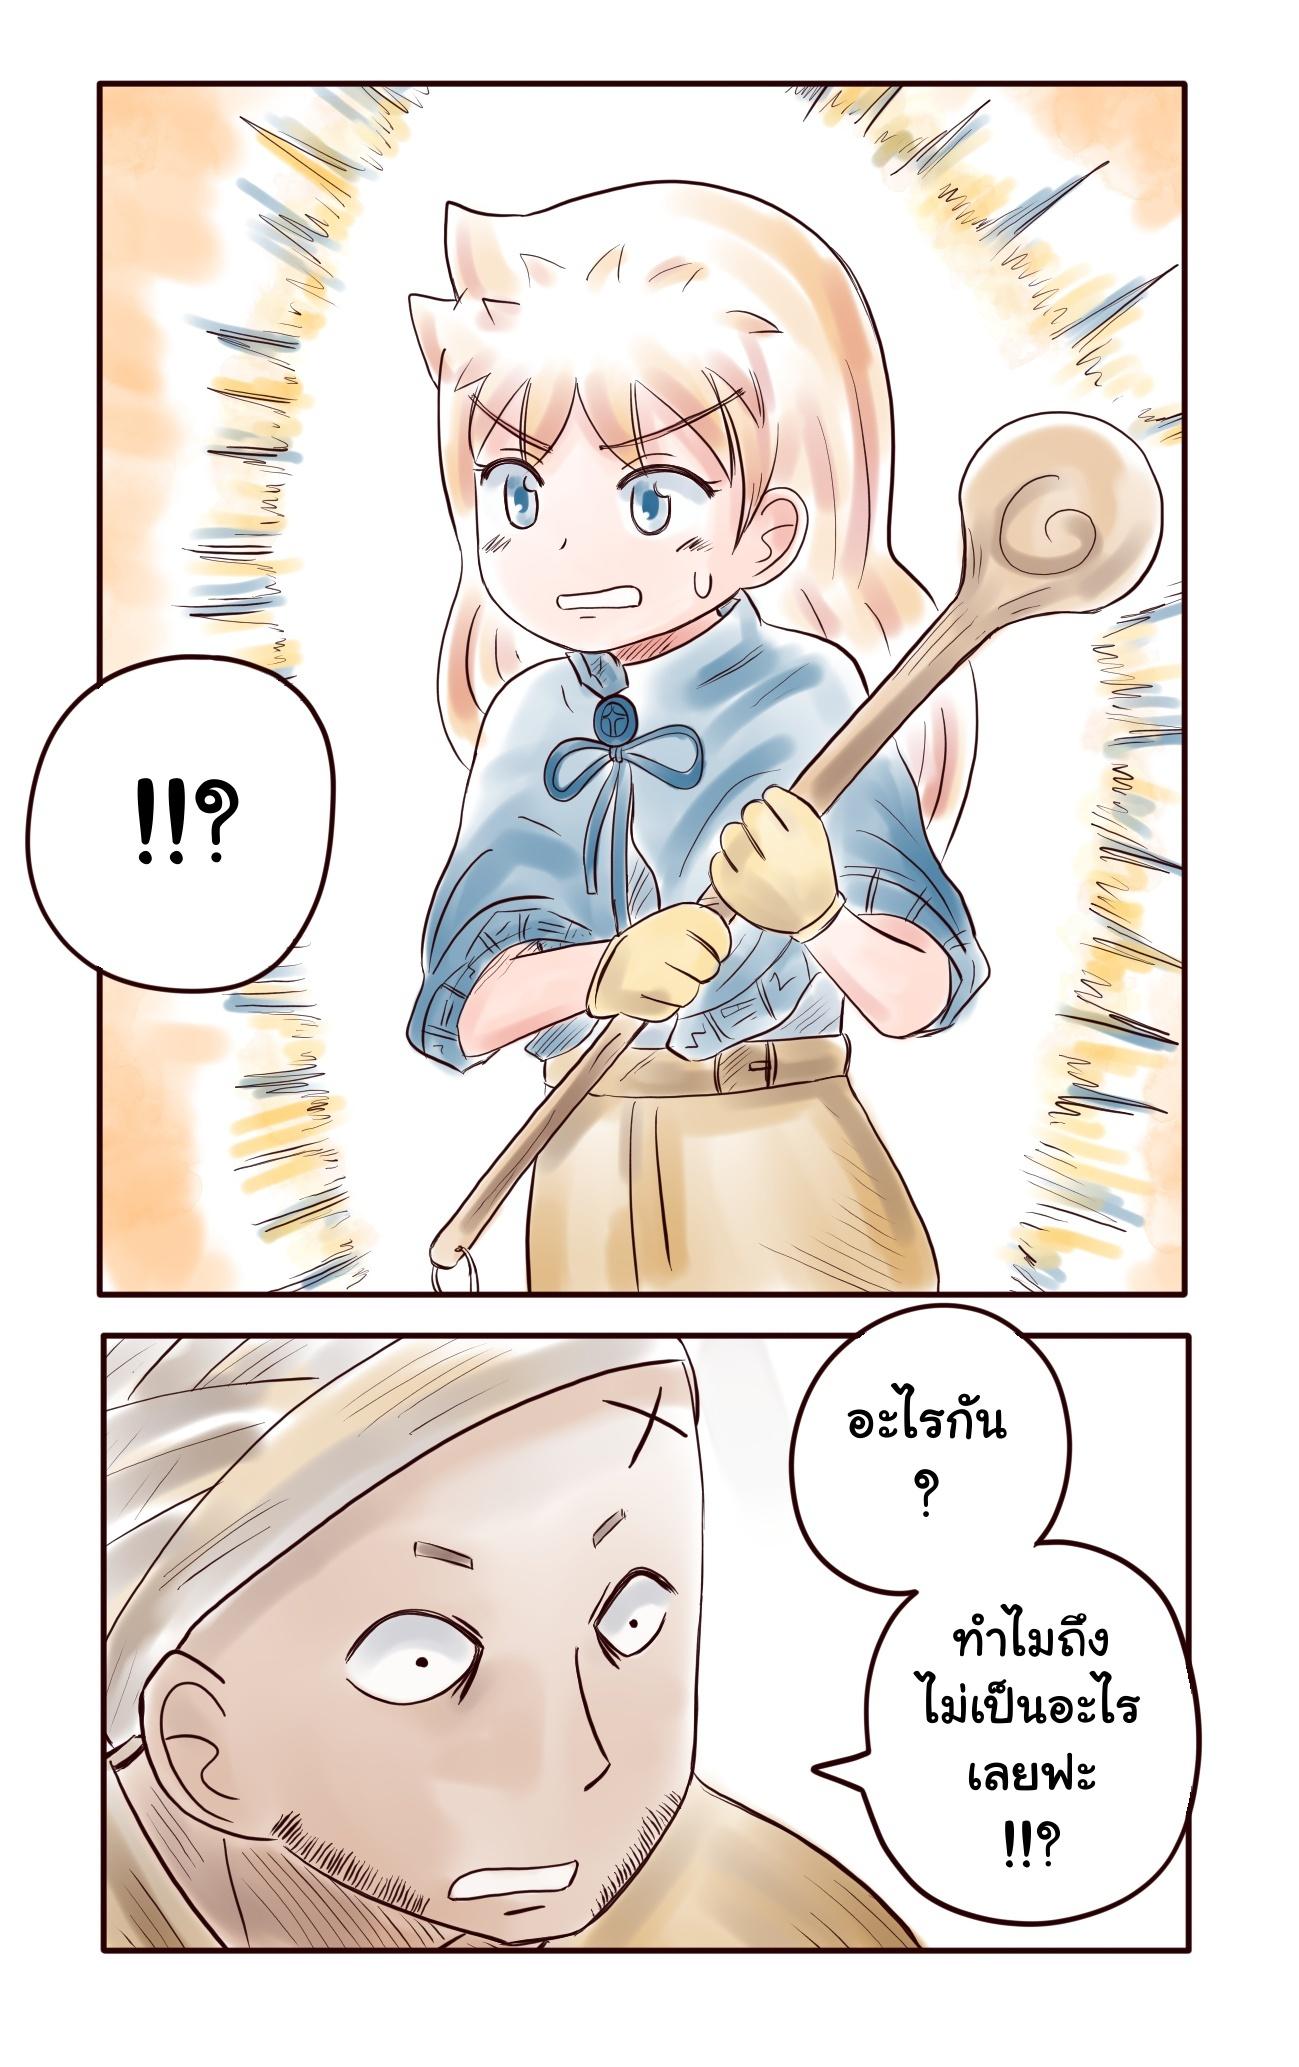 15] - ช็อตกัน